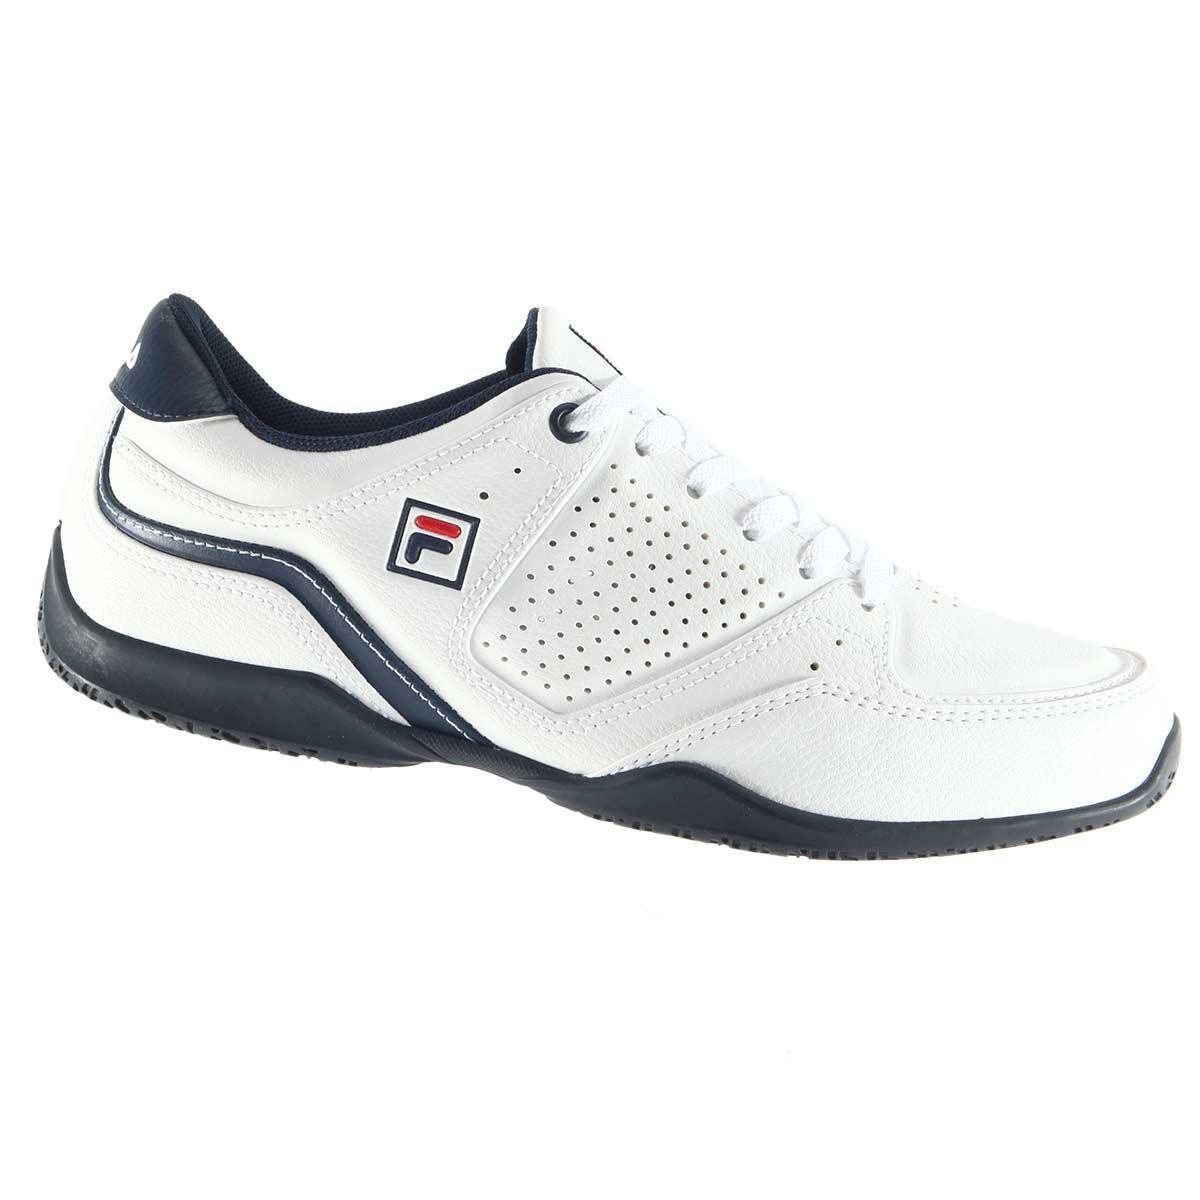 Fila Tênis Fila Branco Slice Esporte Masculino Tênis Slice wTtHCx5qw